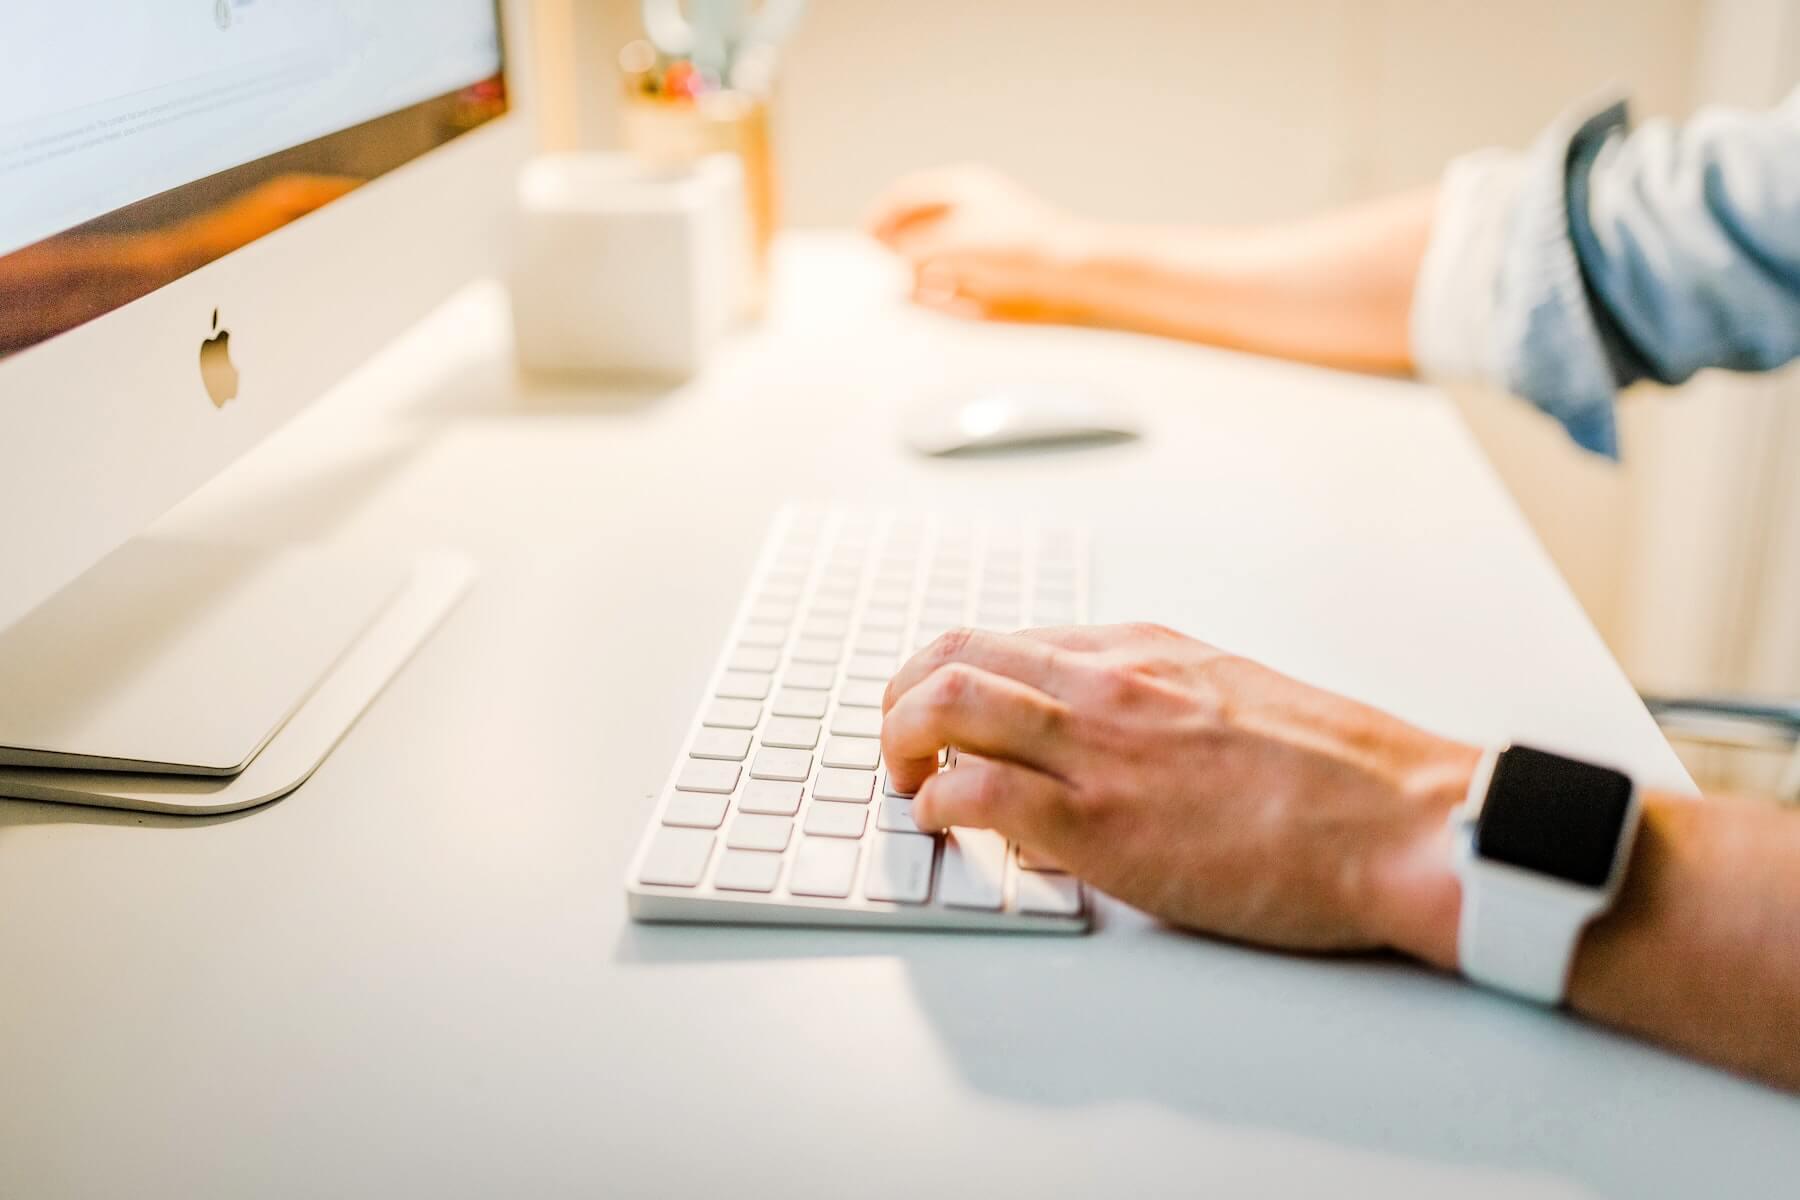 Eenvoudige en korte uitleg waarom jouw bedrijf een nieuwsbrief nodig heeft